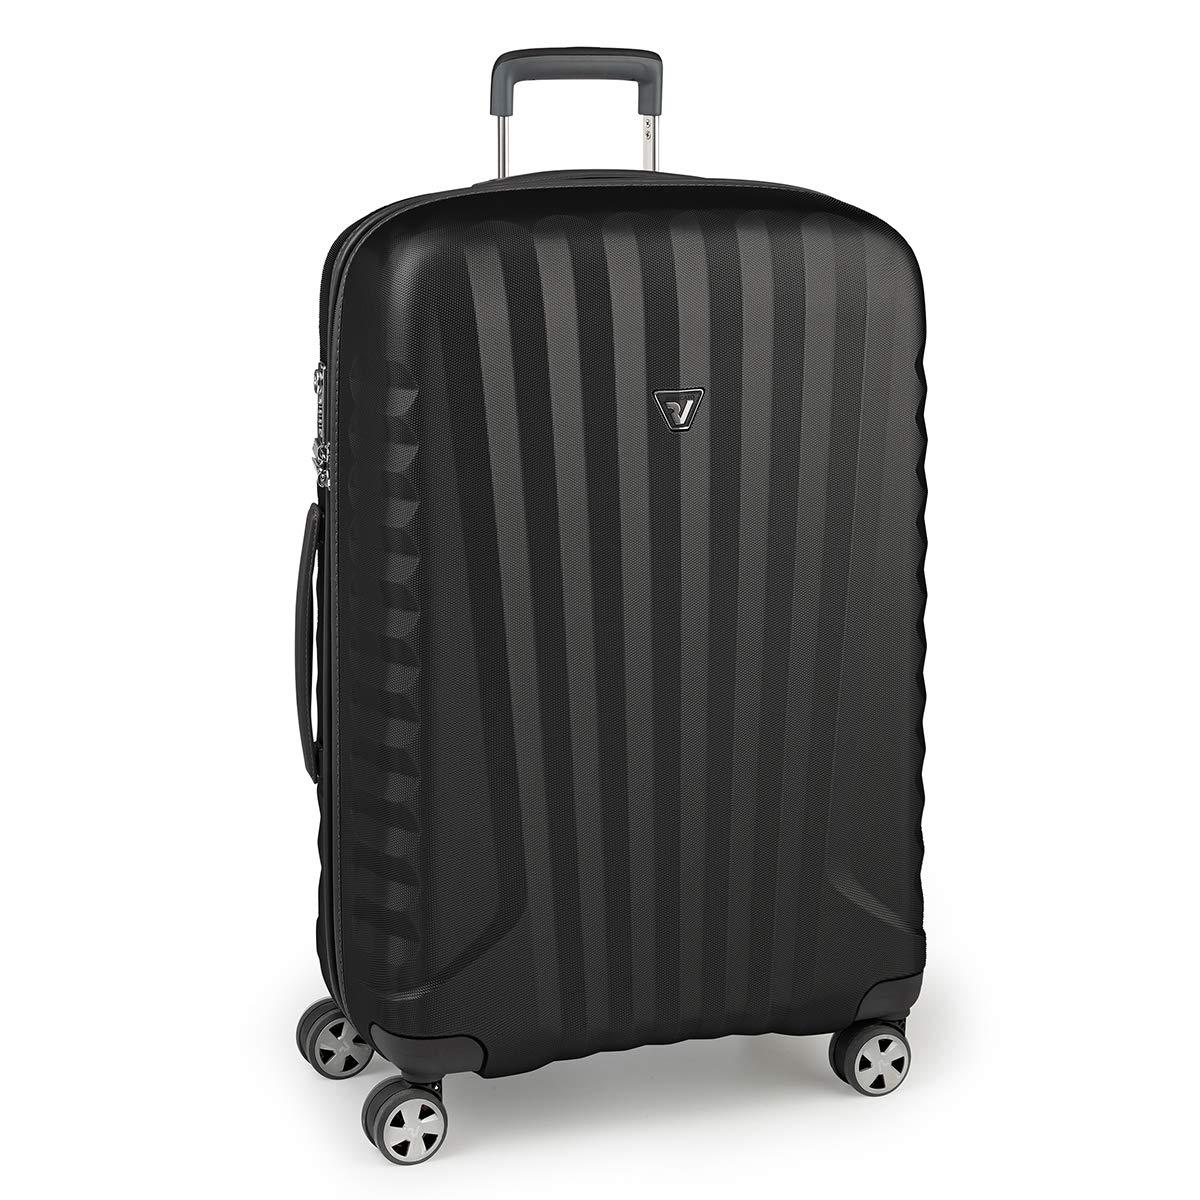 [ロンカート] スーツケース イーライト 100L 74cm 3.9kg 5221 B07RD3KHB2 【01】ブラック